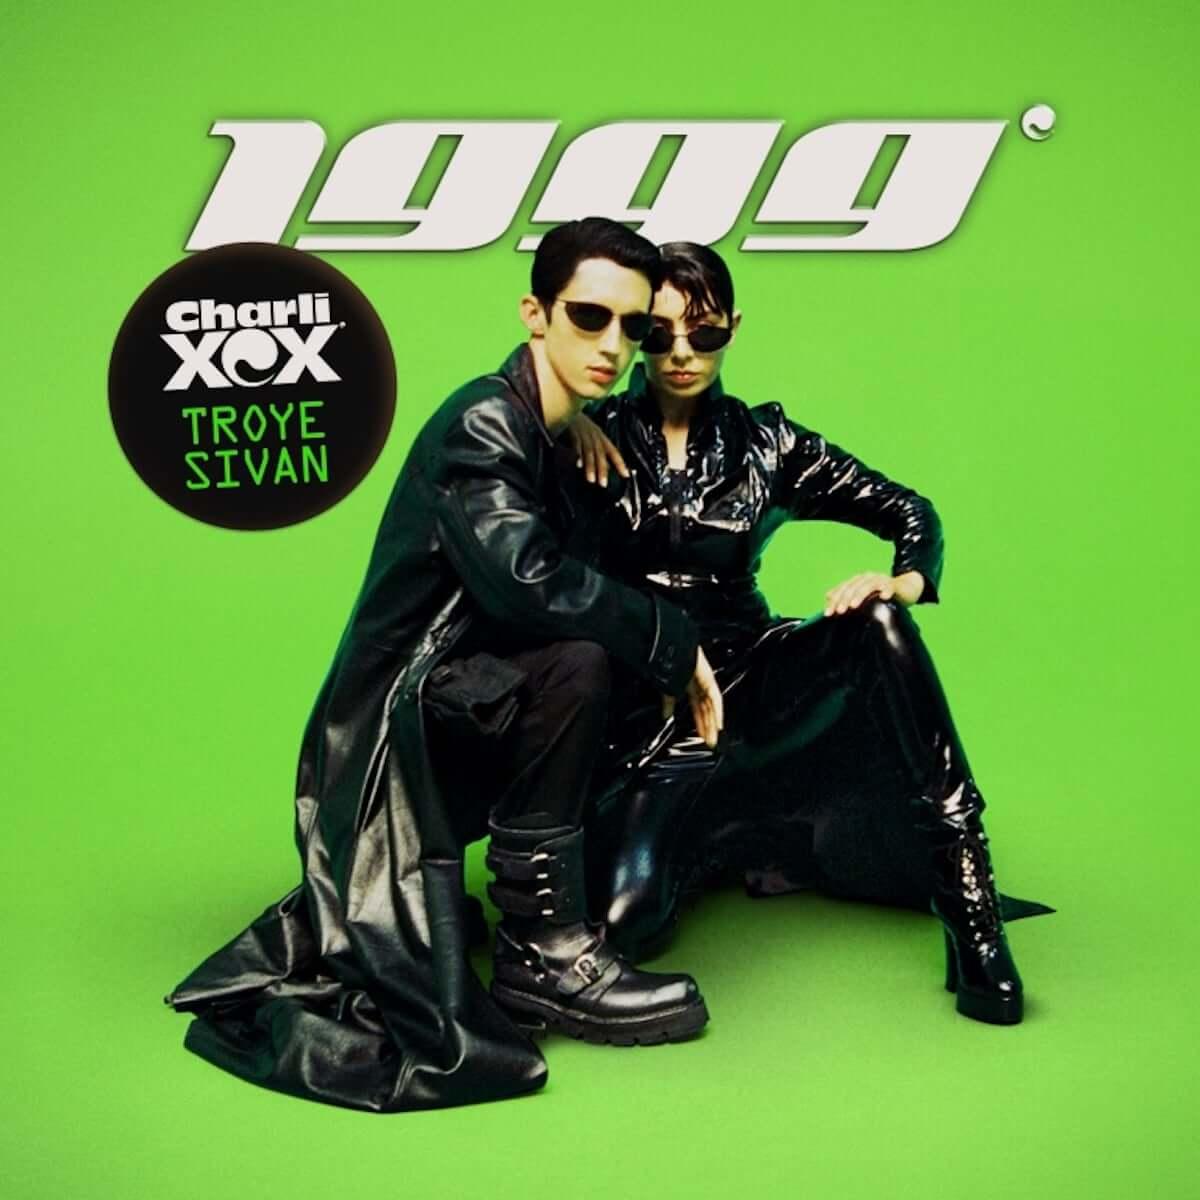 チャーリーXCX&トロイ・シヴァンが90年代を象徴する人物のコスプレをするMV公開!エミネム、スティーブ・ジョブズ、映画『マトリックス』の再現も! music181012_charlixcx-troye-sivan_01-1200x1200